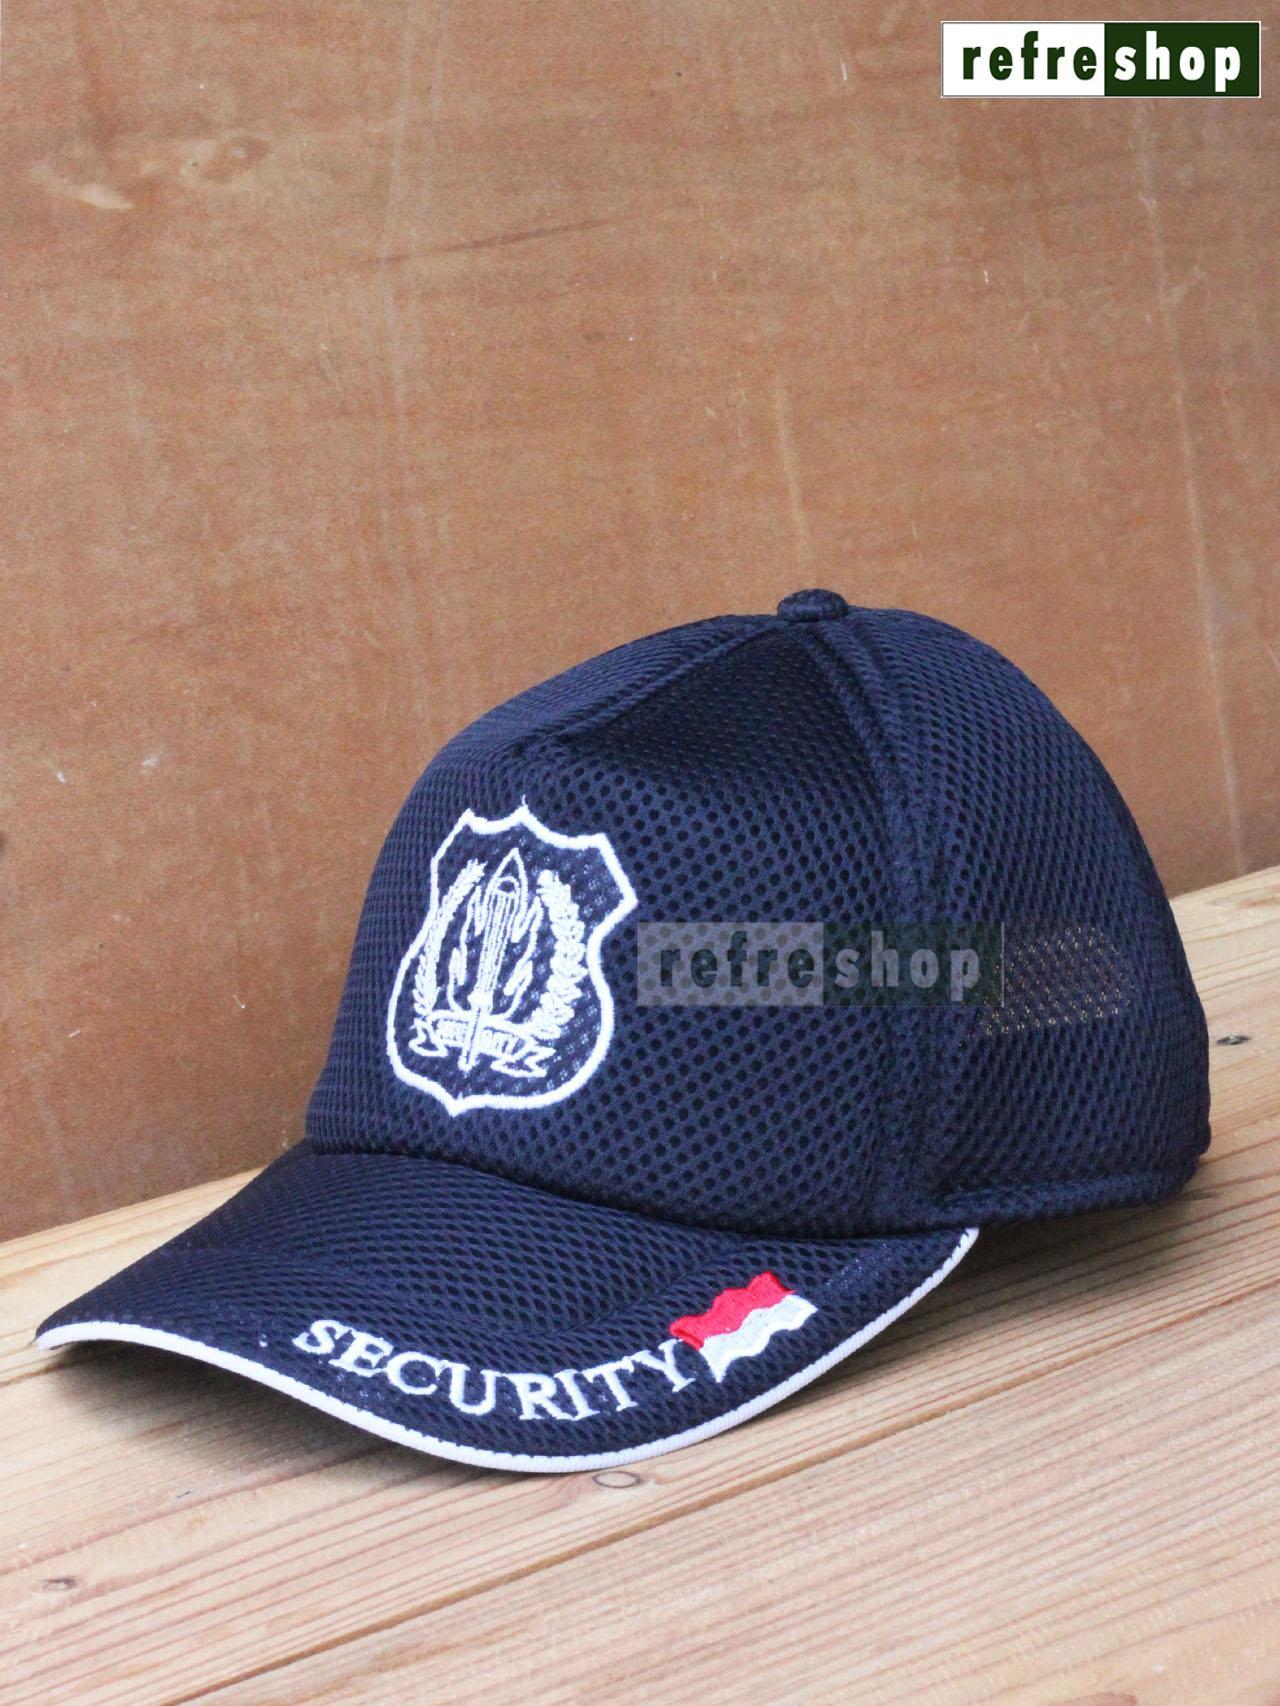 Harga Topi Security Hitam 2018 Cek Nya Termurah Tas Fashion Import Ysbj4866black Cari Diskon Grosir Terbaru List Promo Jaring Untuk Satpam